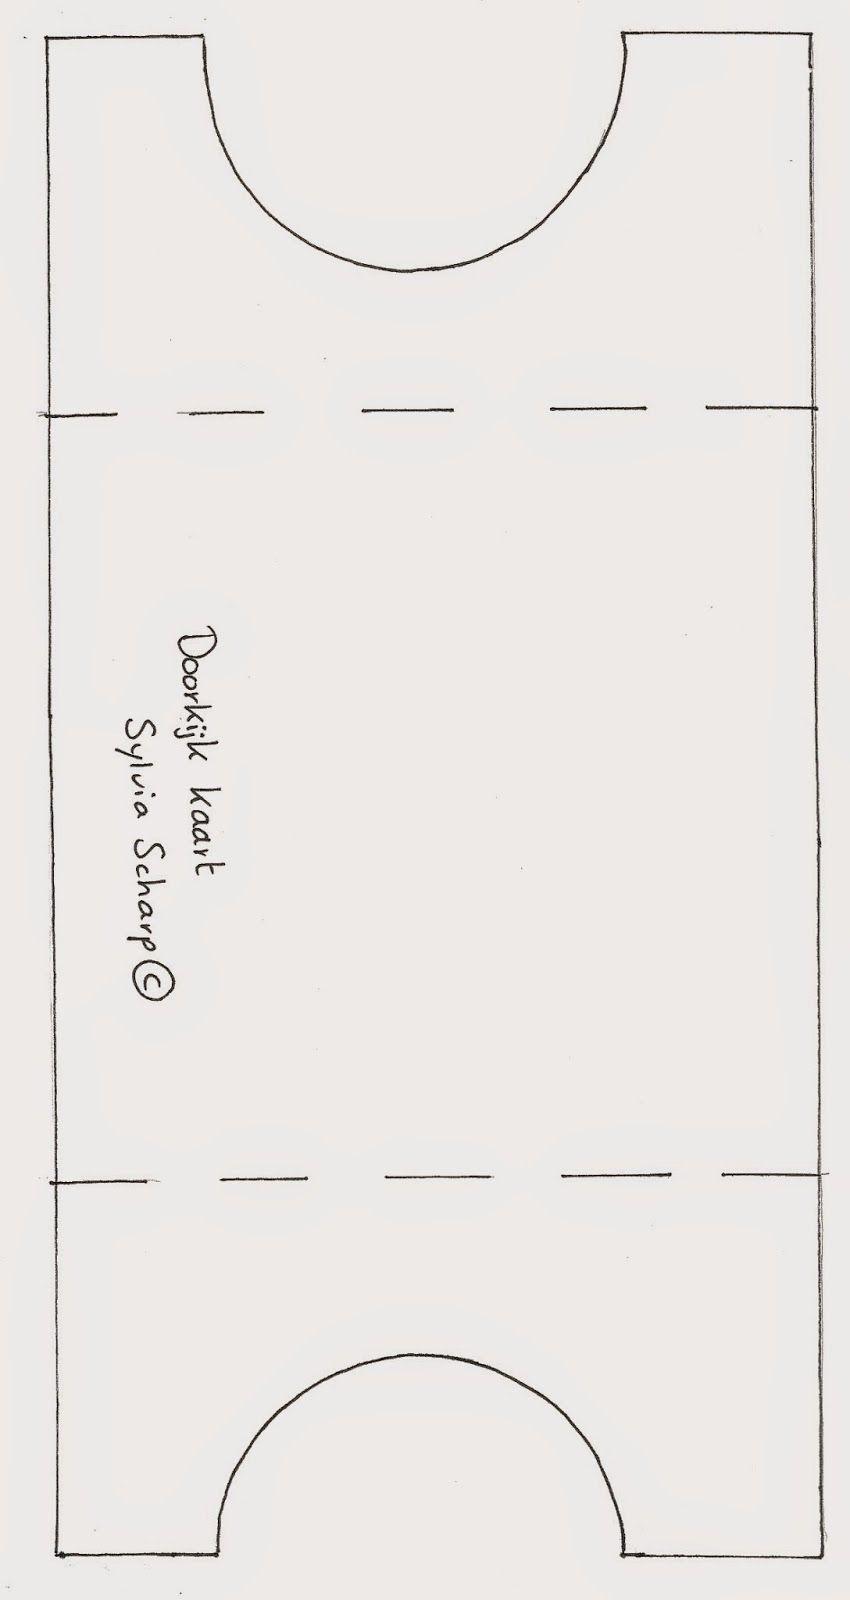 Шаблон для коляски на открытку, первая